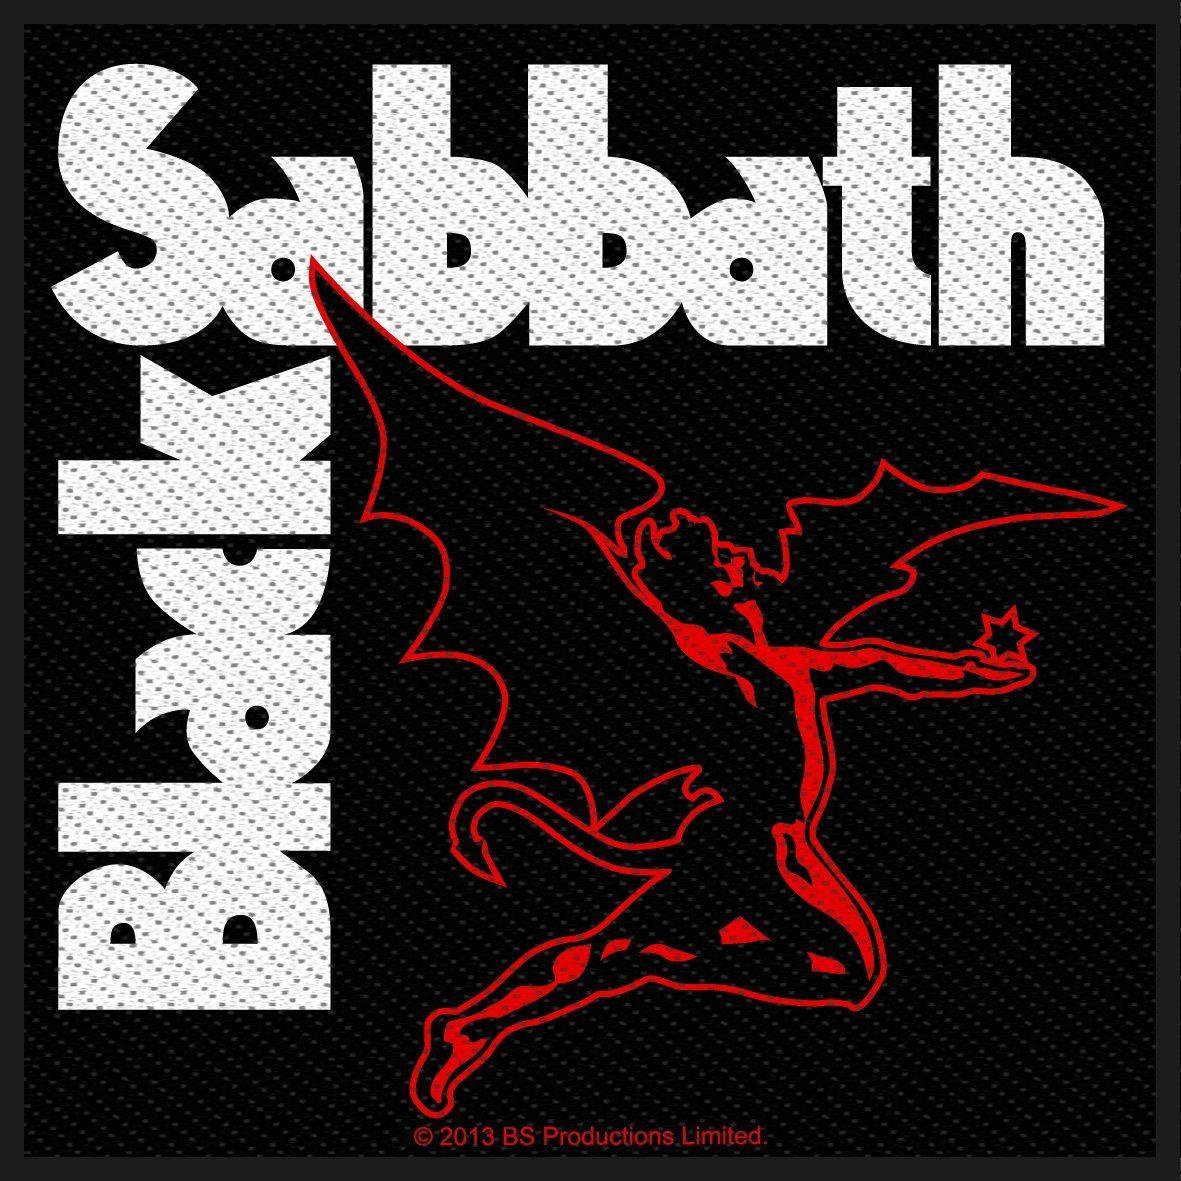 Black Sabbath Woven Patch Creature